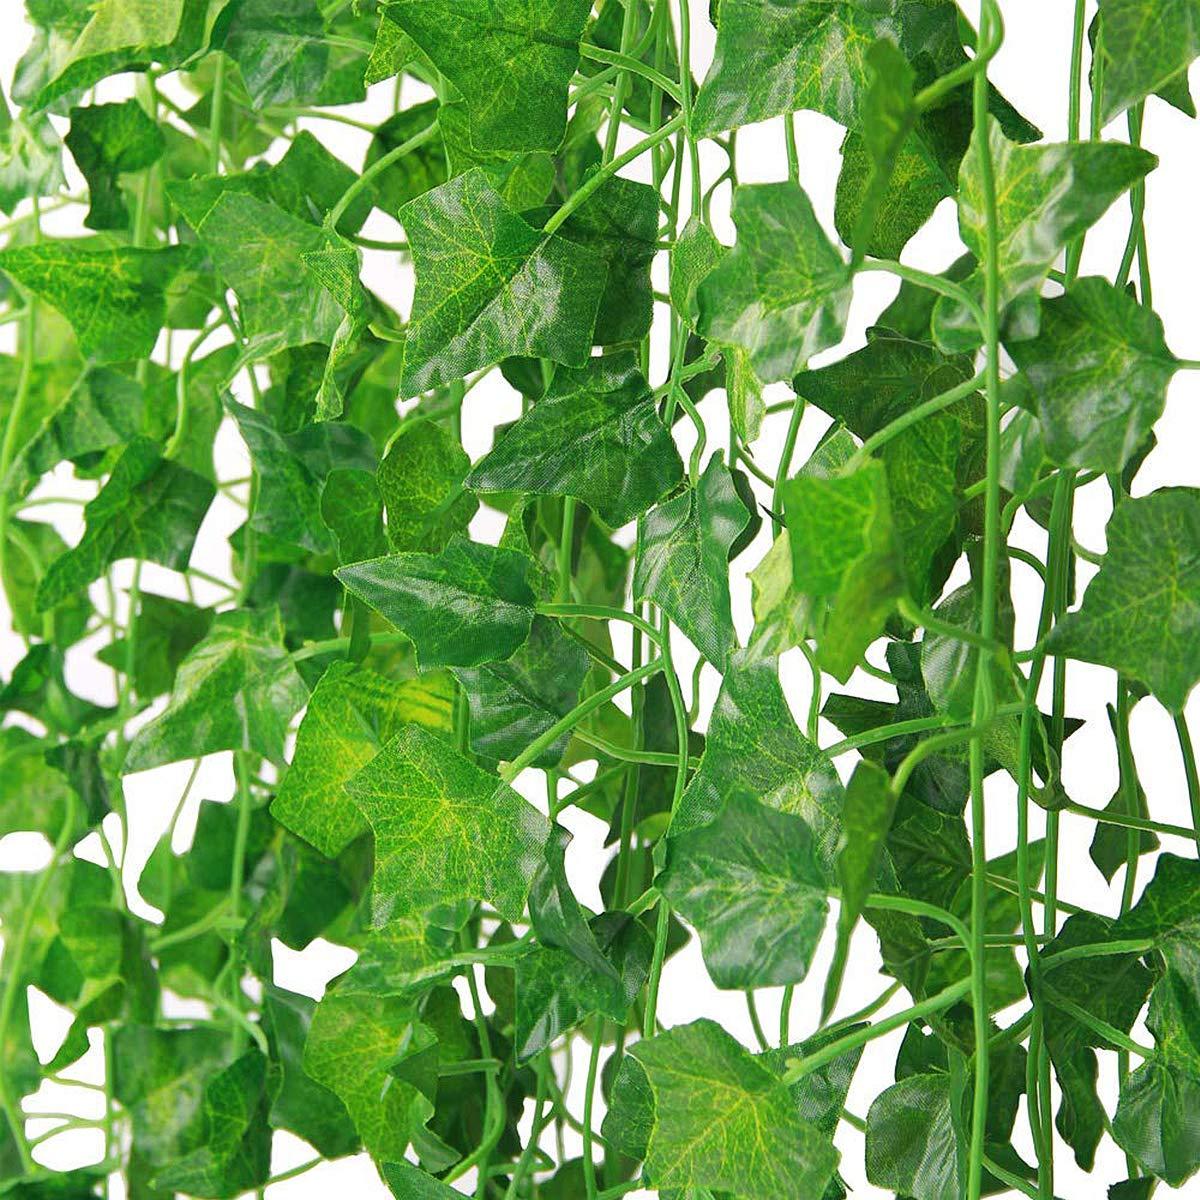 Natuce Lierre Artificiel Guirlande Plantes Vigne 12 Pack 24M Feuilles de Lierre Artificielles en Plastique et en Tissu Artificiel Feuilles Guirlande pour Mariage C/él/ébration Jardin Ext/érieur Deco